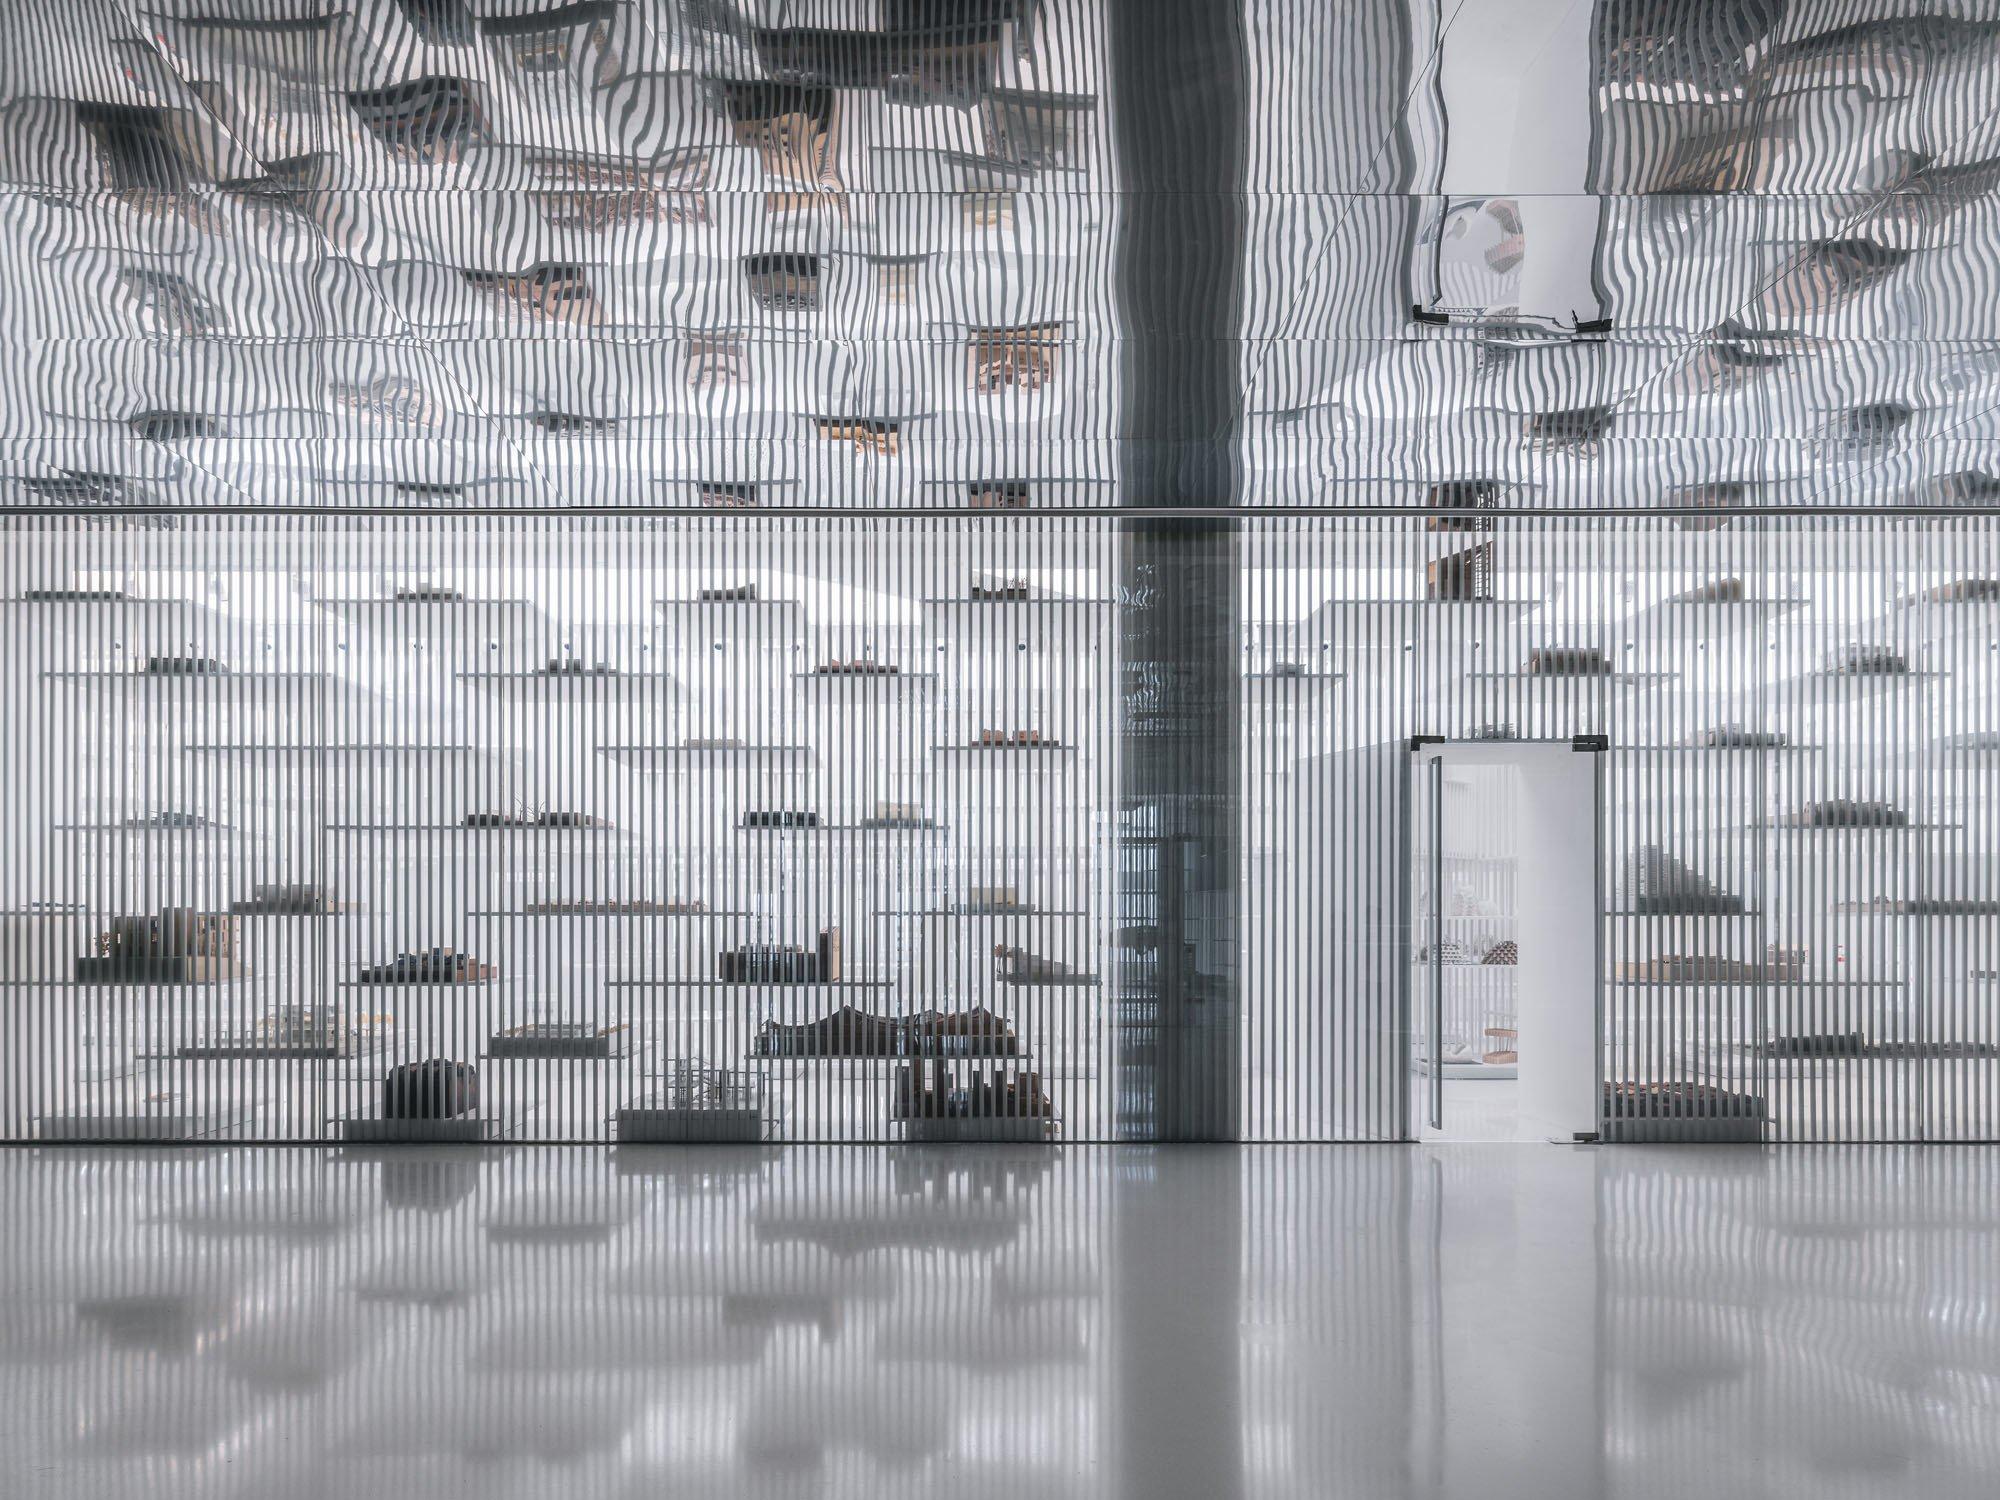 Die Architekturmodelle scheinen auf ihren filigranen Plattformen regelrecht zu schweben.